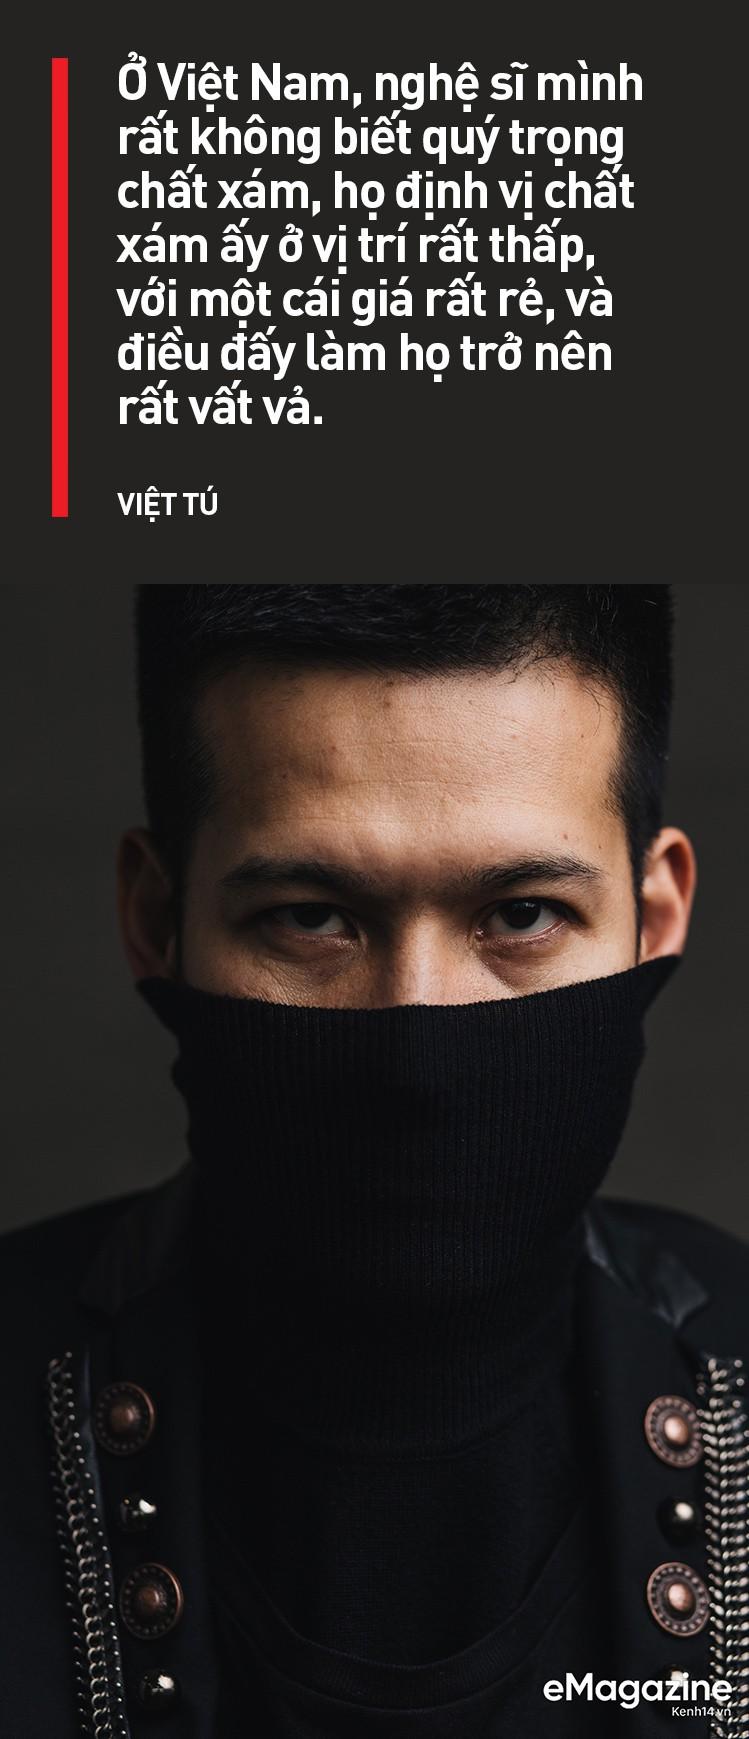 Đạo diễn Việt Tú: Ở Việt Nam, đa phần nghệ sĩ chưa biết quý trọng chất xám, và điều đấy khiến họ vất vả - Ảnh 12.